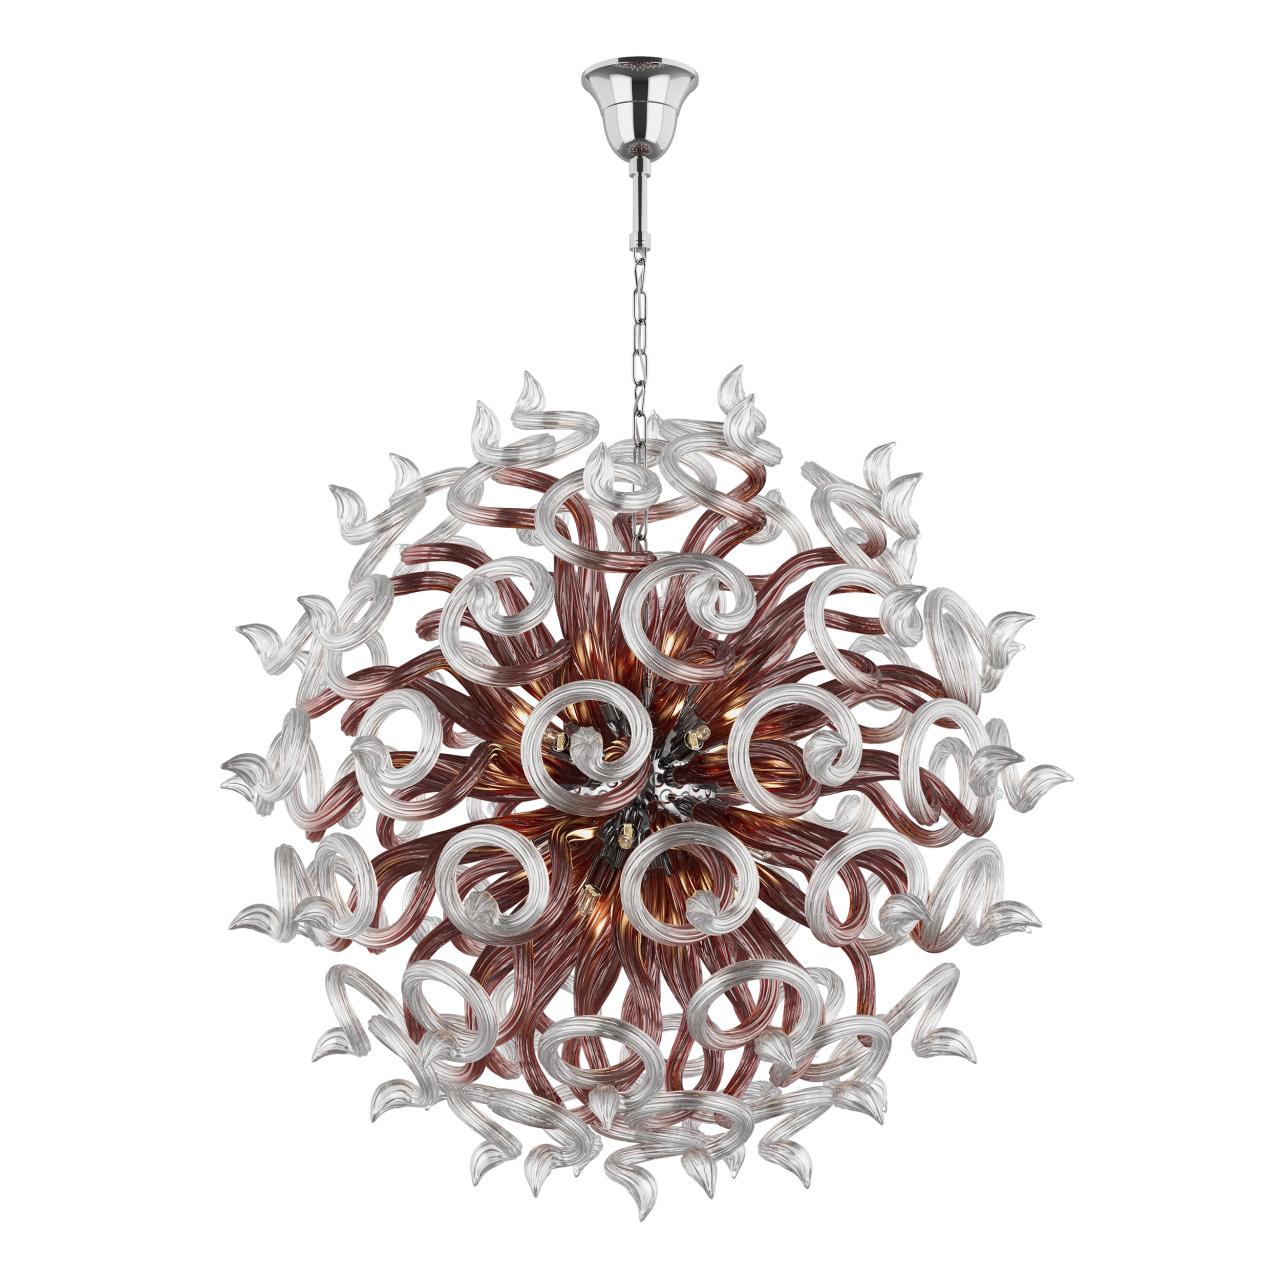 Люстра подвесная Medusa 18x40W G9 кофе Lightstar 890188